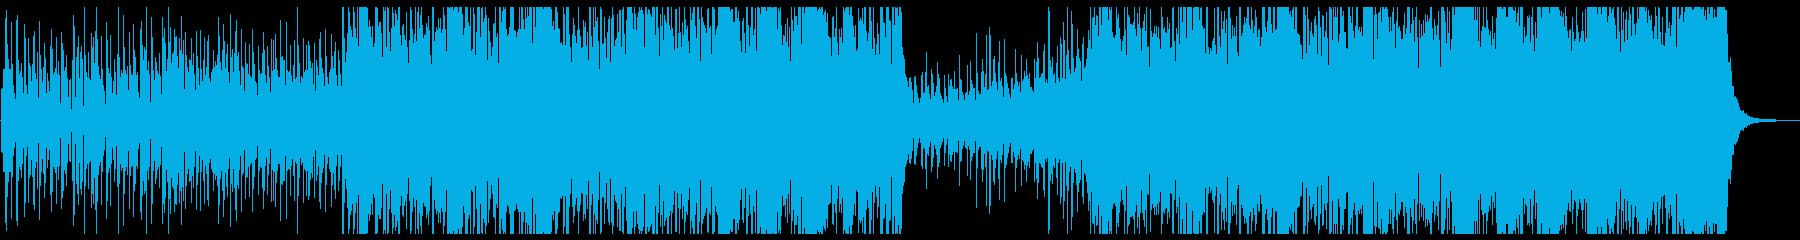 少しジャジー感動ピアノメロ曲の再生済みの波形